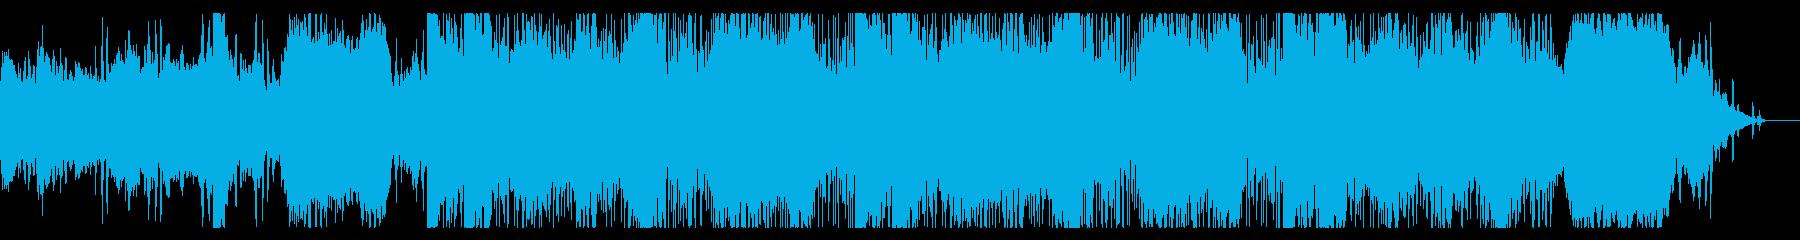 ダークでディープなデジタルテクスチャの再生済みの波形